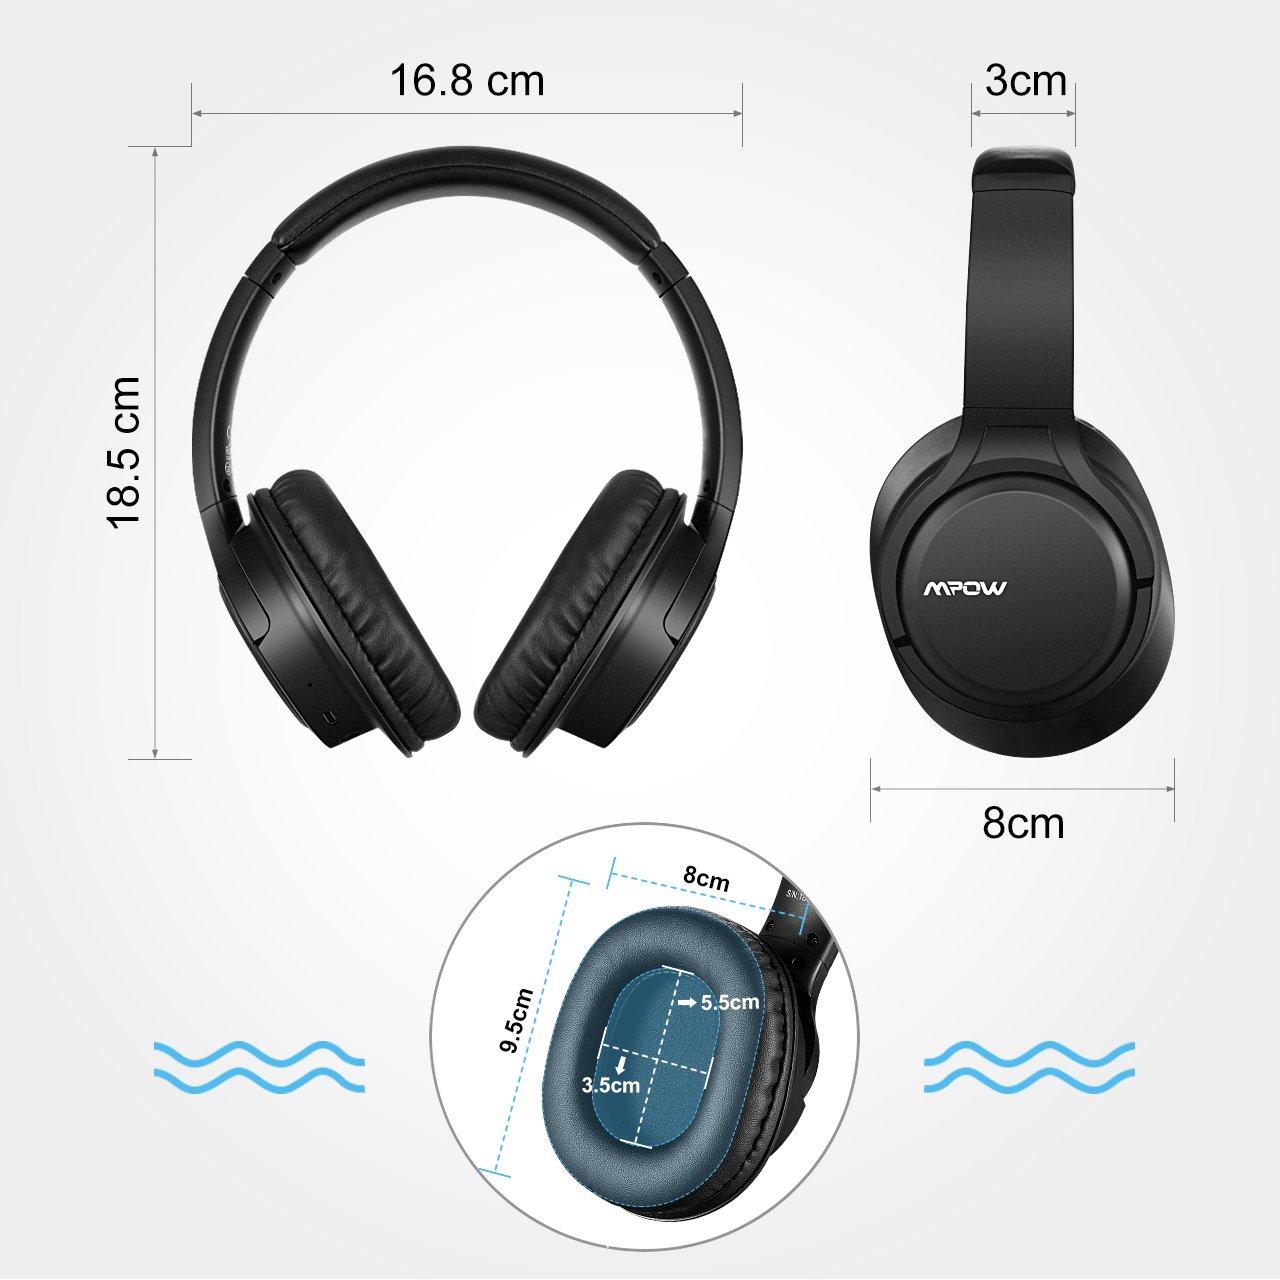 Mpow Cuffie Bluetooth 4.1 Stereo H7 e4913b24b4b3